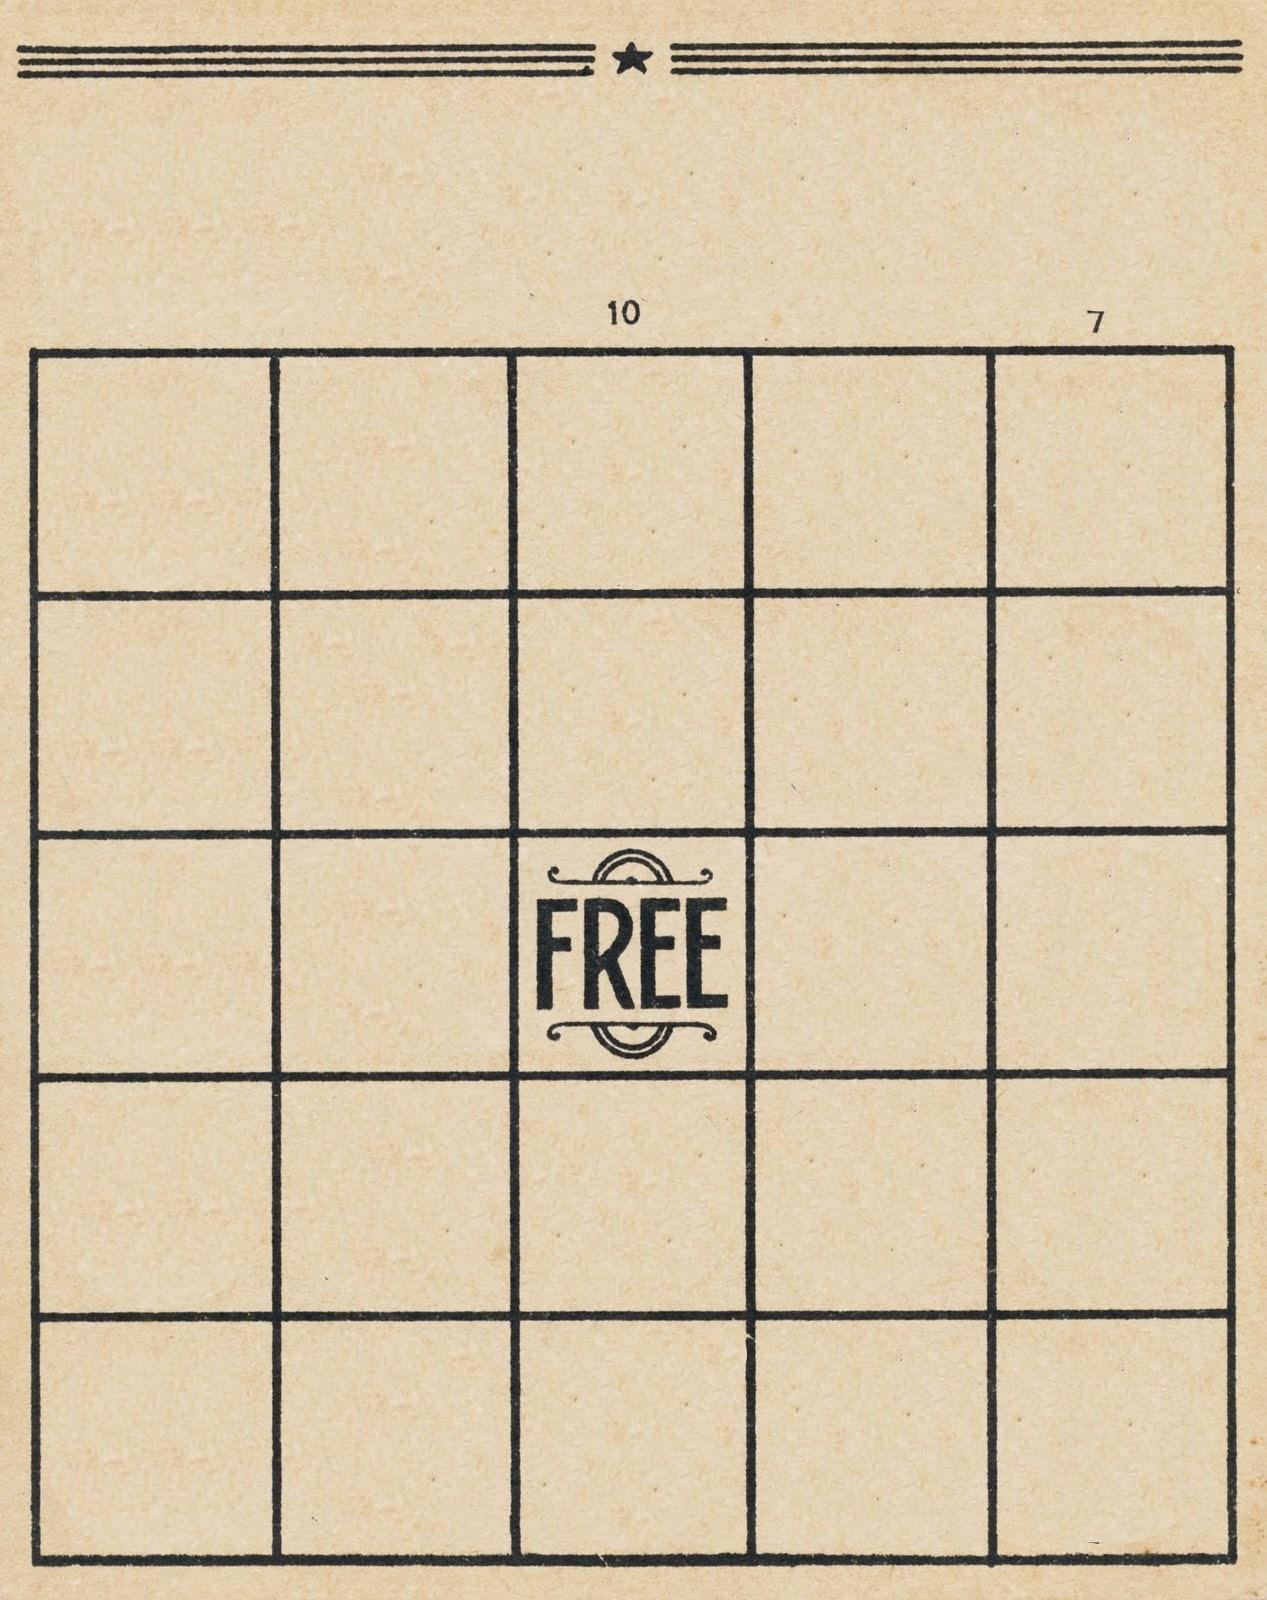 Artistic Hen Free Halloween Bingo Cards To Download